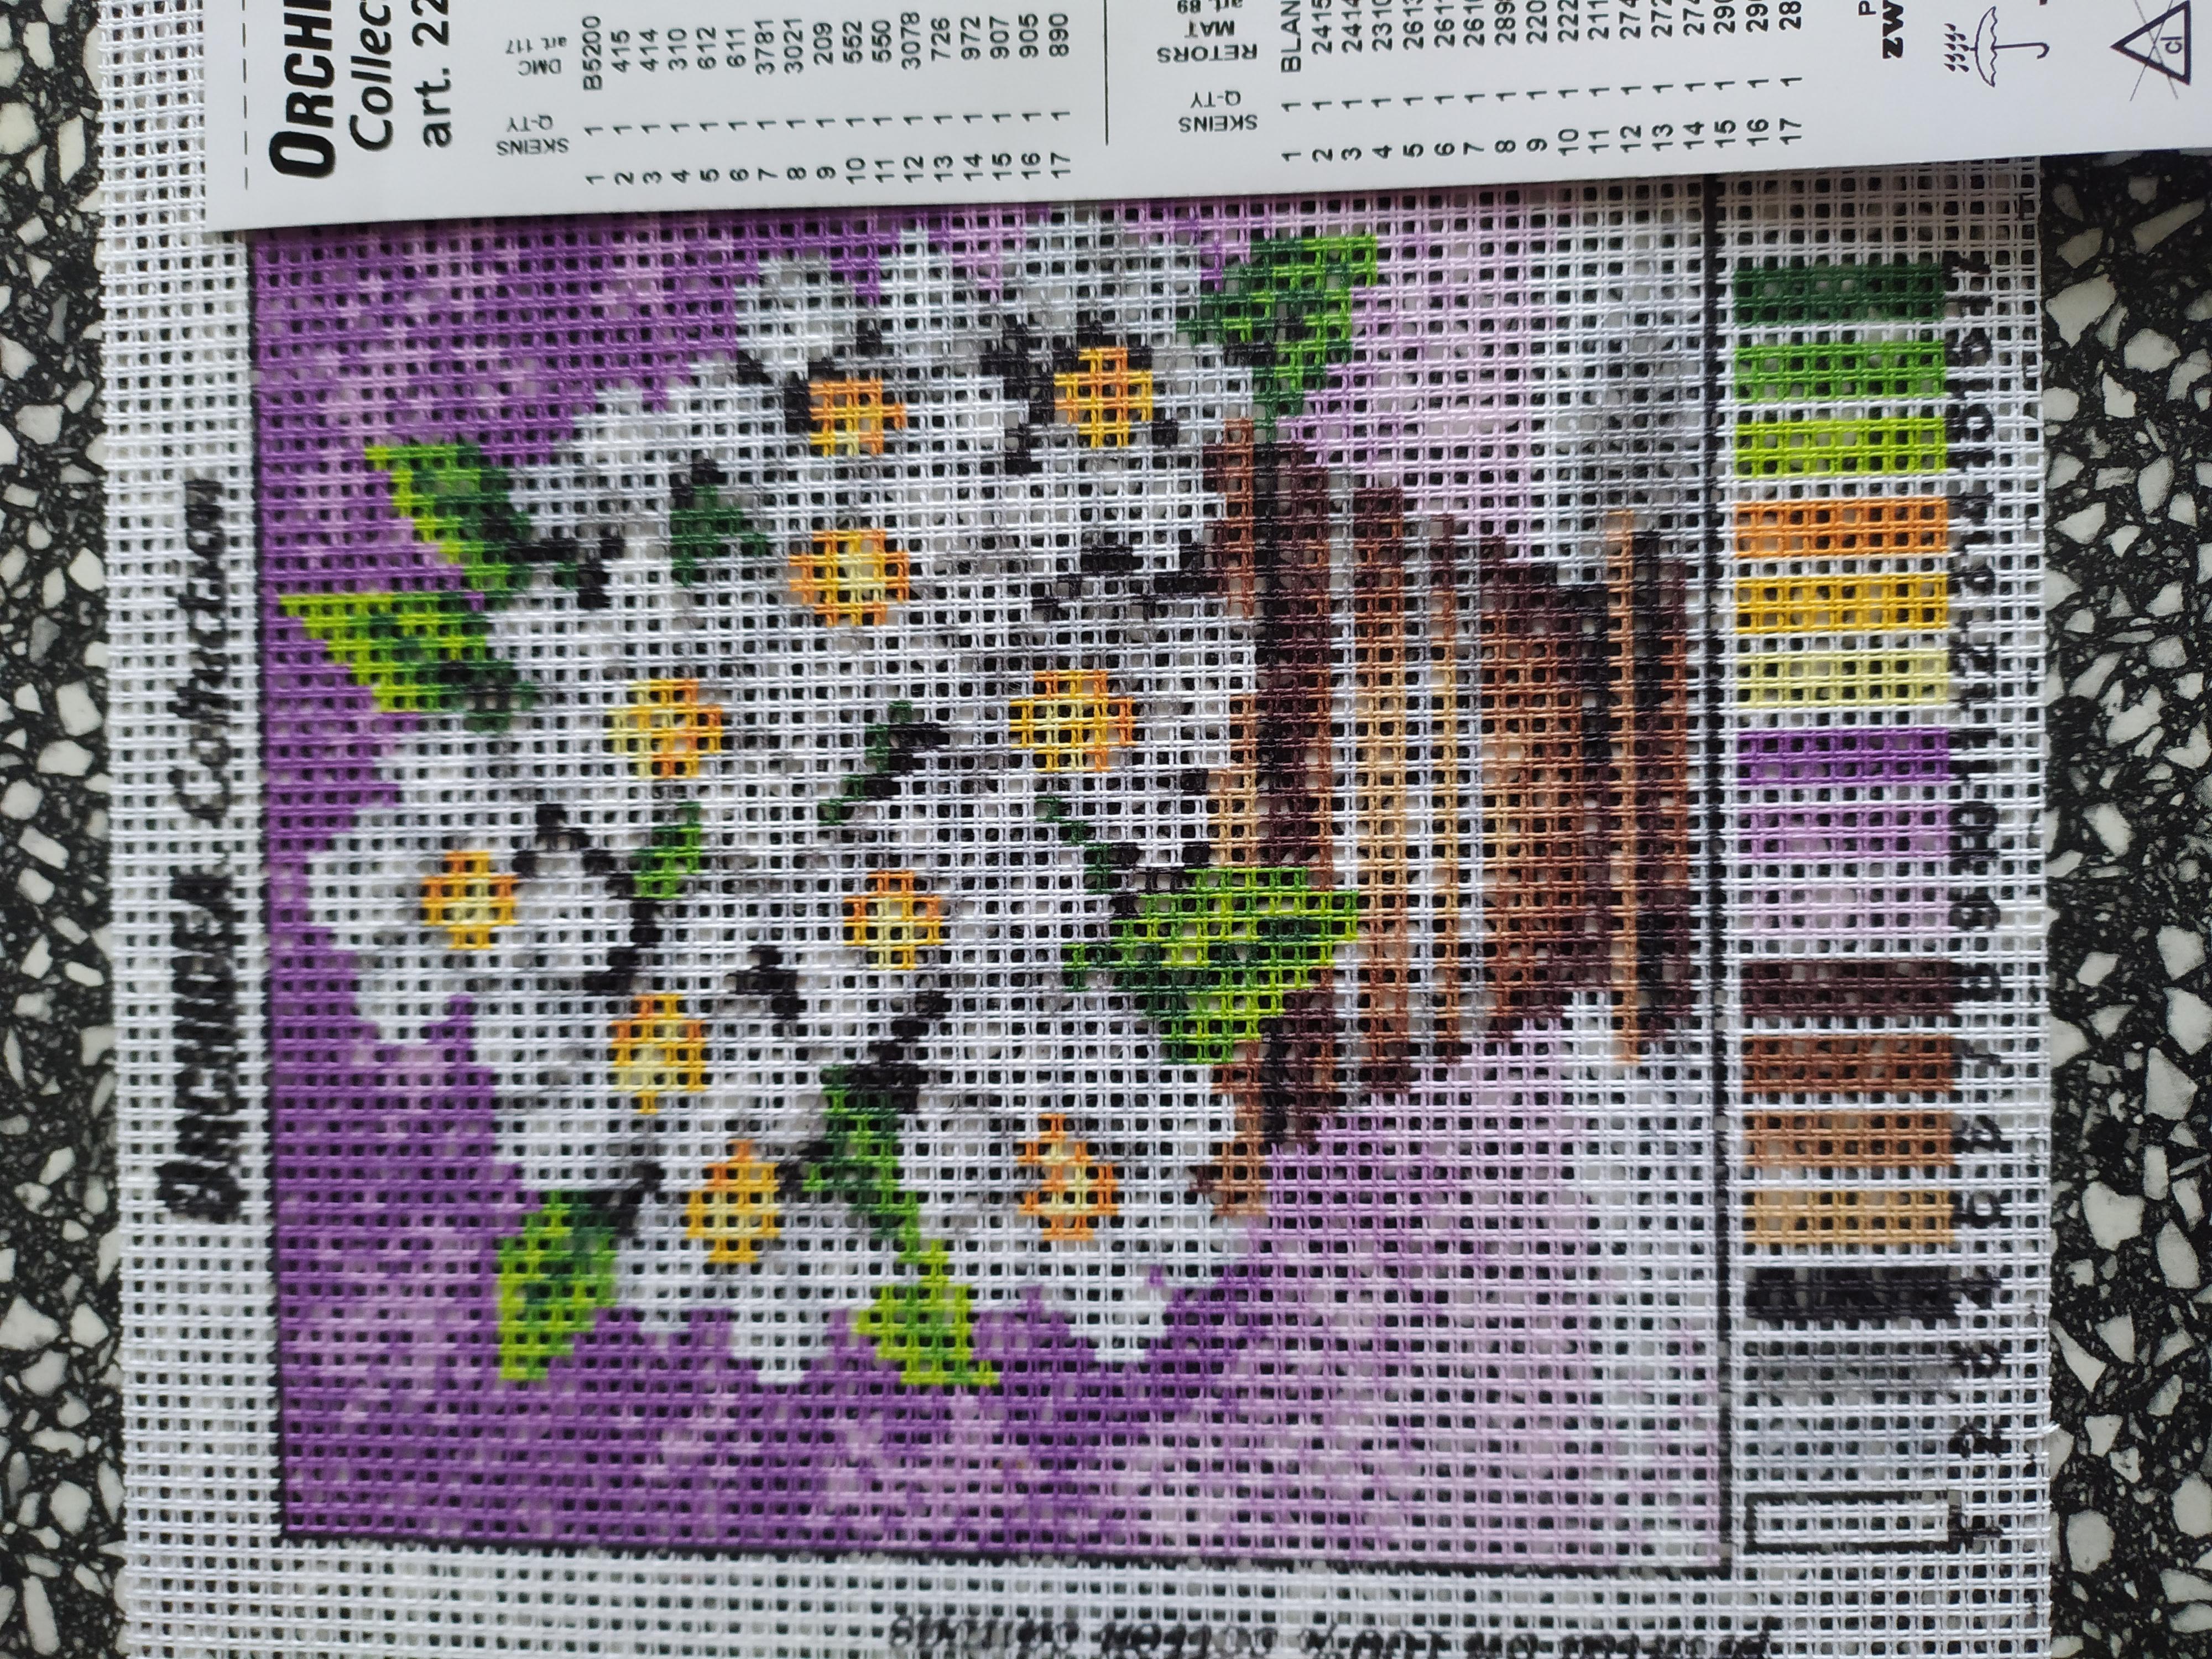 Předloha na vyšívání 15 x 15 cm květiny 2